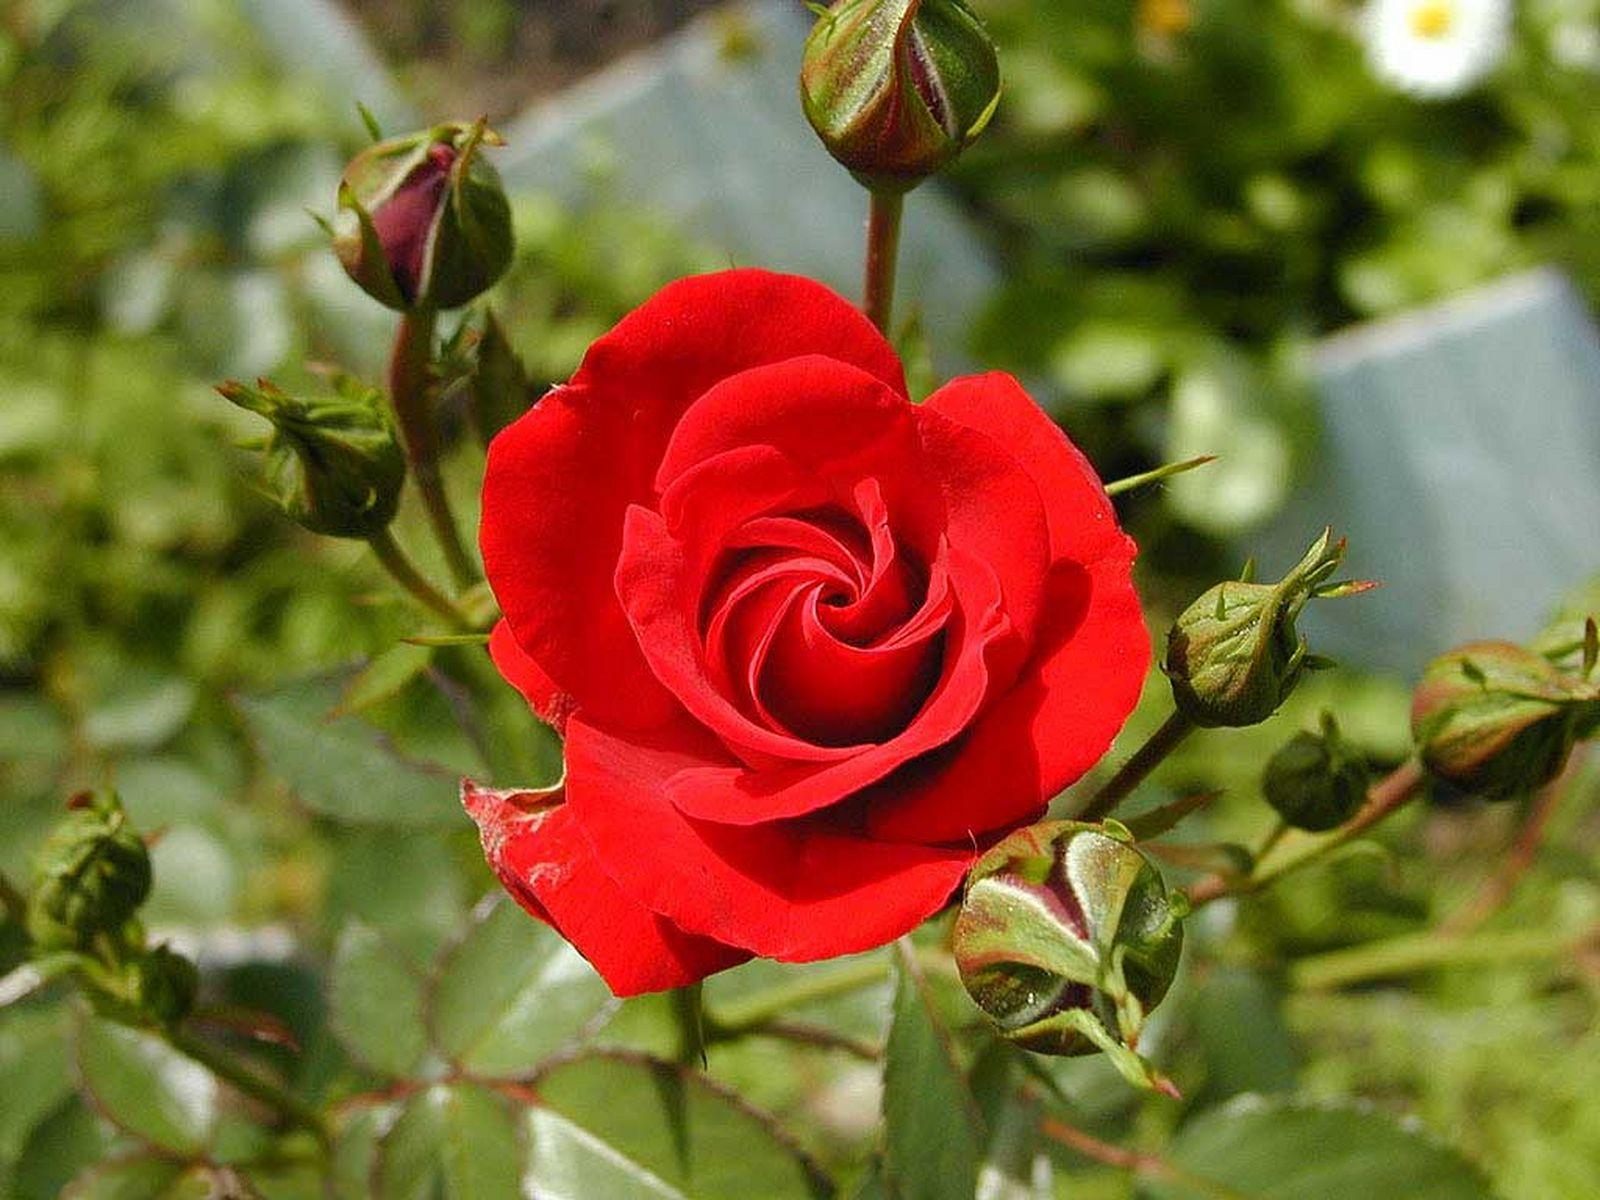 Hình ảnh bông hoa hồng đỏ khoe sắc trong vườn